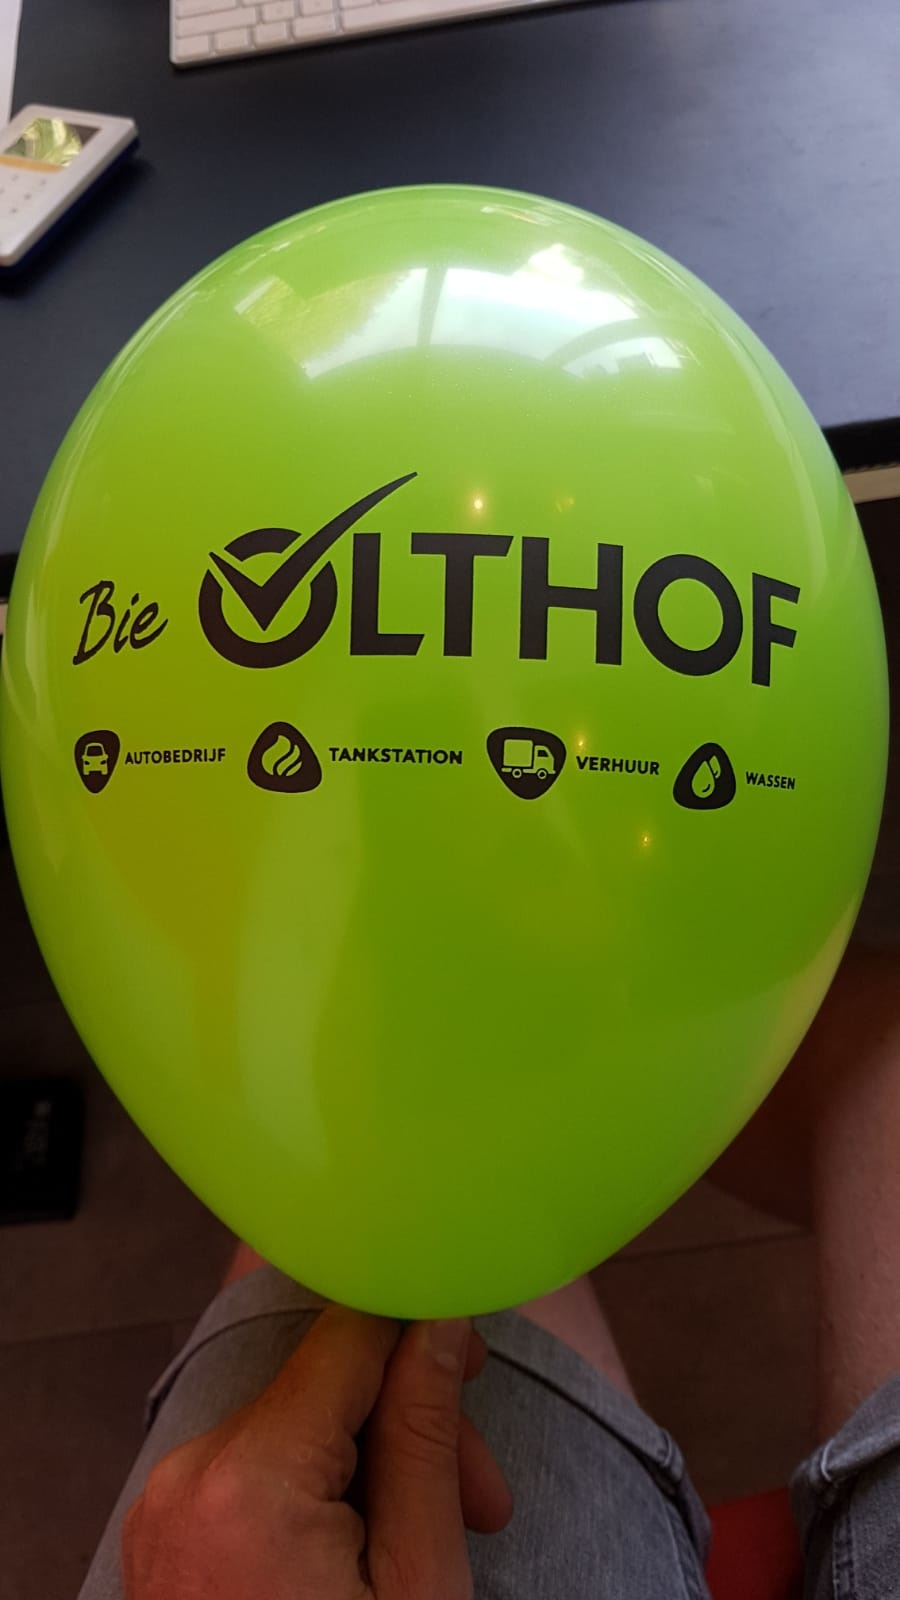 Bedrukte ballonnen met logo 250